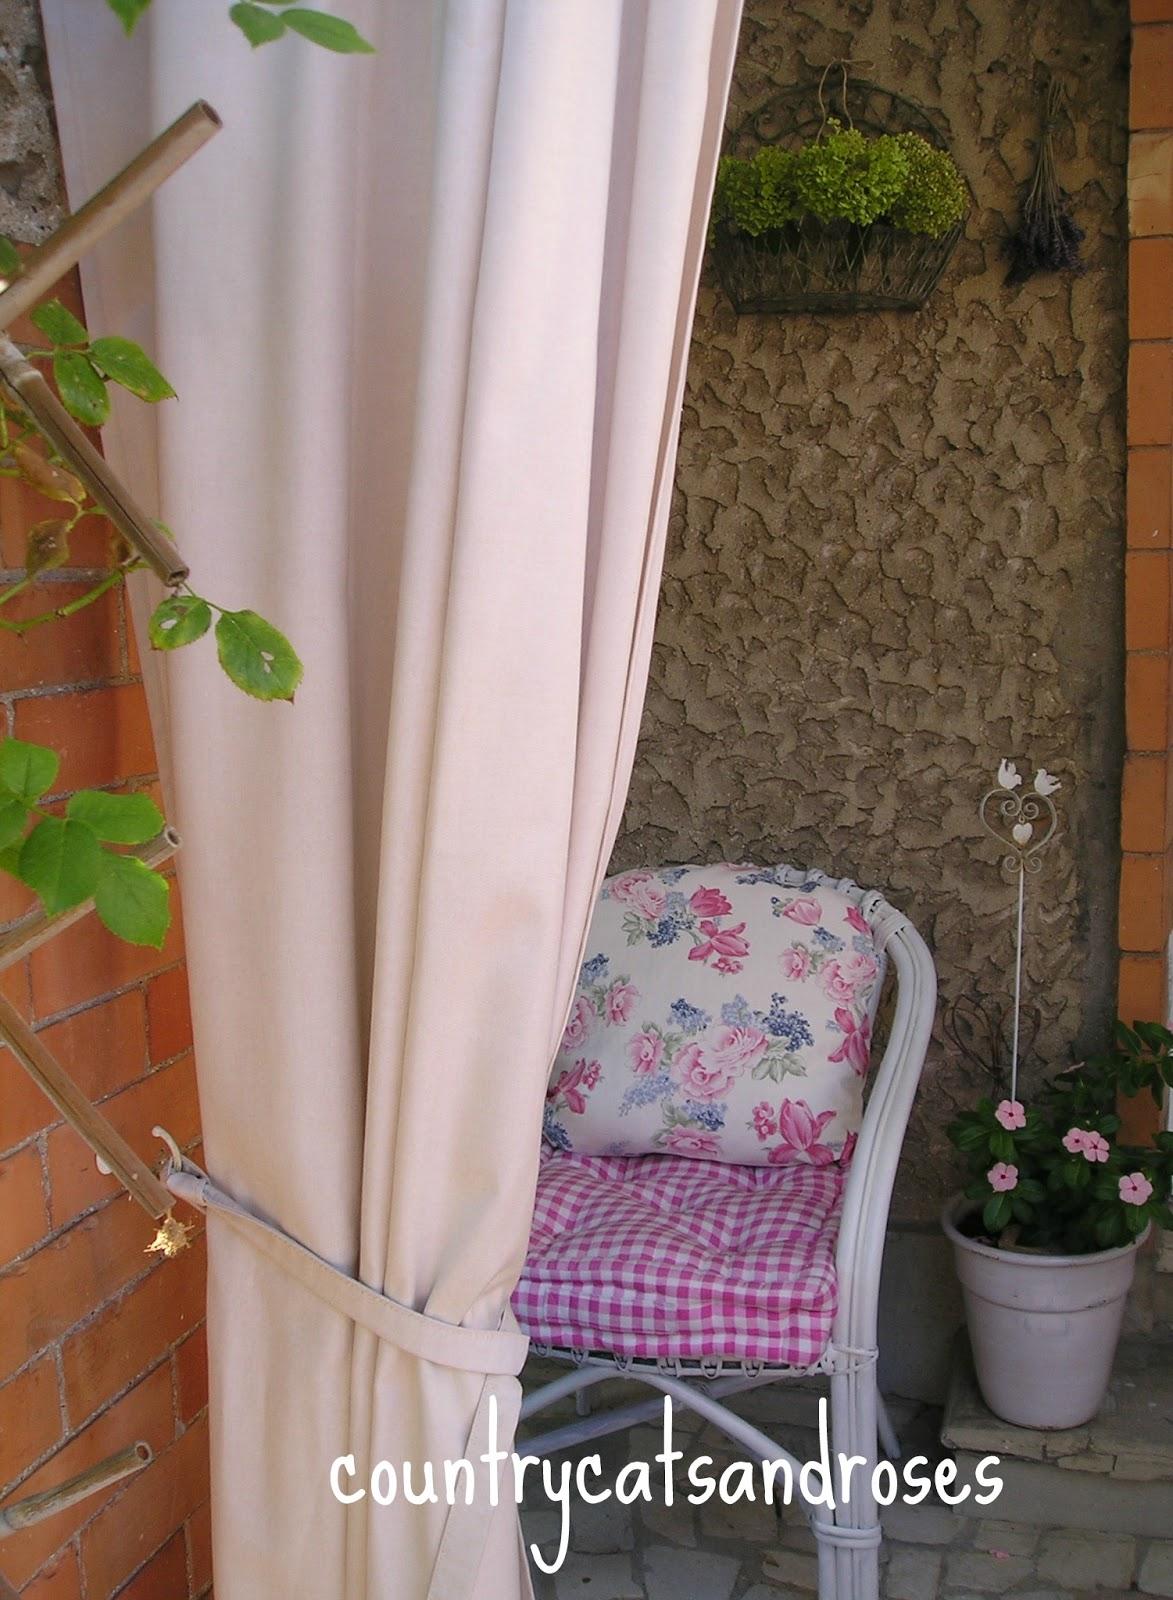 Countrycatsandroses: il piacere di rinnovare gli spazi....all'aperto..